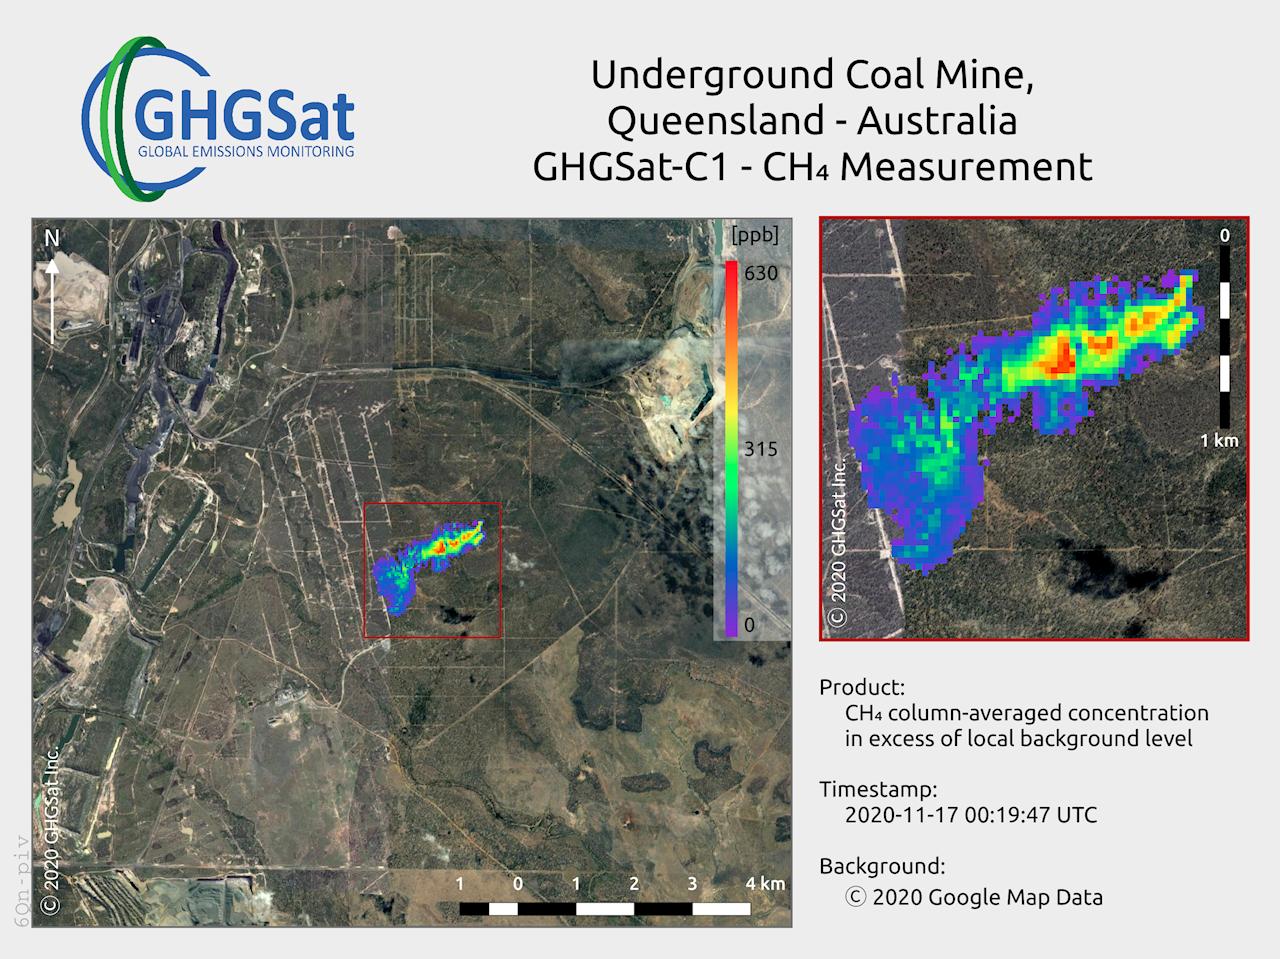 Die gewerblichen GHGSat-Satelliten erfassen zusammen mit den optischen Messwertaufnehmern von ABB Methanfahnen in der Atmosphäre bis zu 25 m über dem Boden.